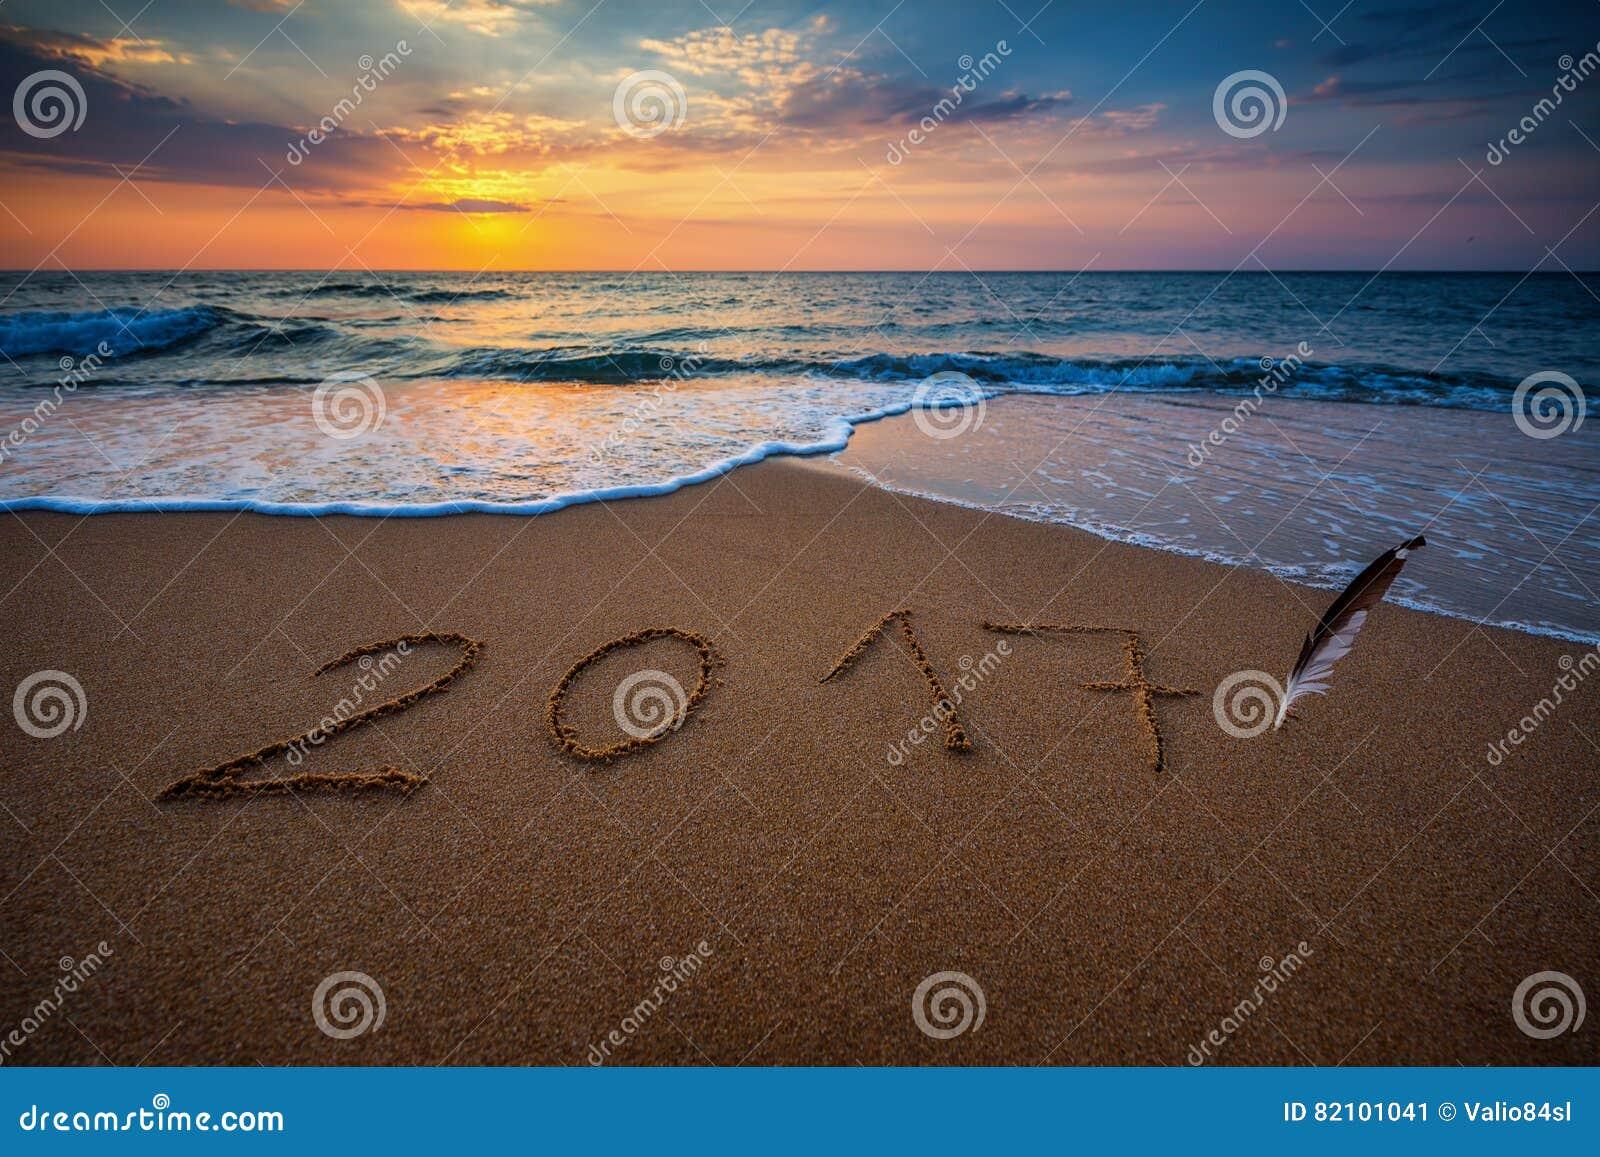 Счастливый Новый Год 2017, помечая буквами на пляже